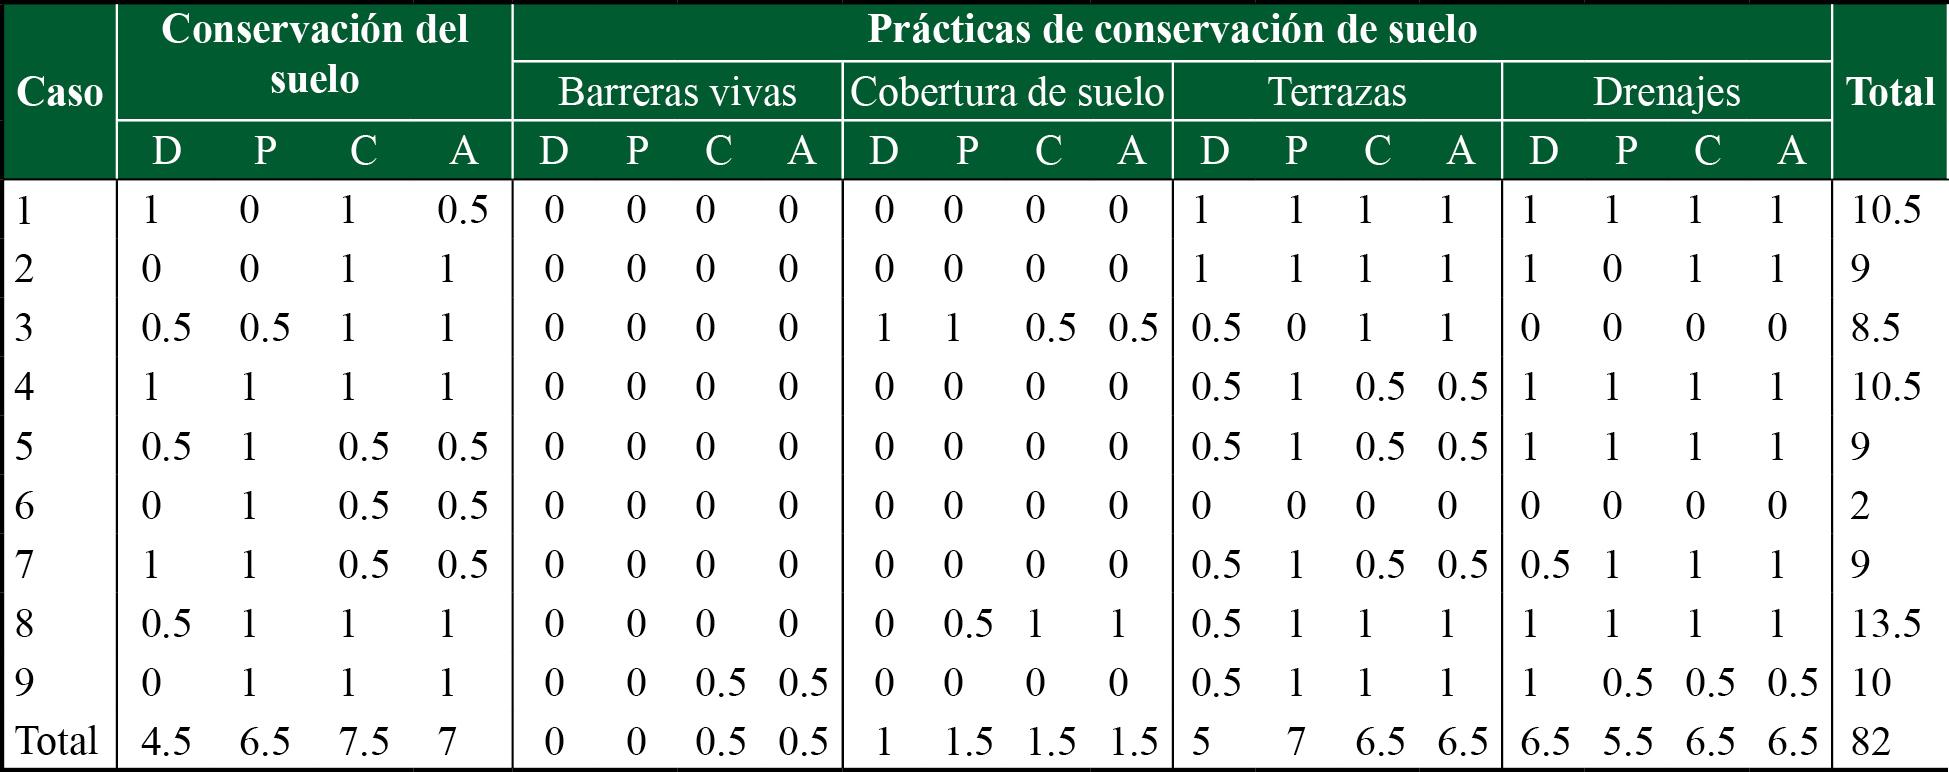 Conocimientos y actitudes sobre conservación del suelo y de cuatro prácticas de conservación por cada caso